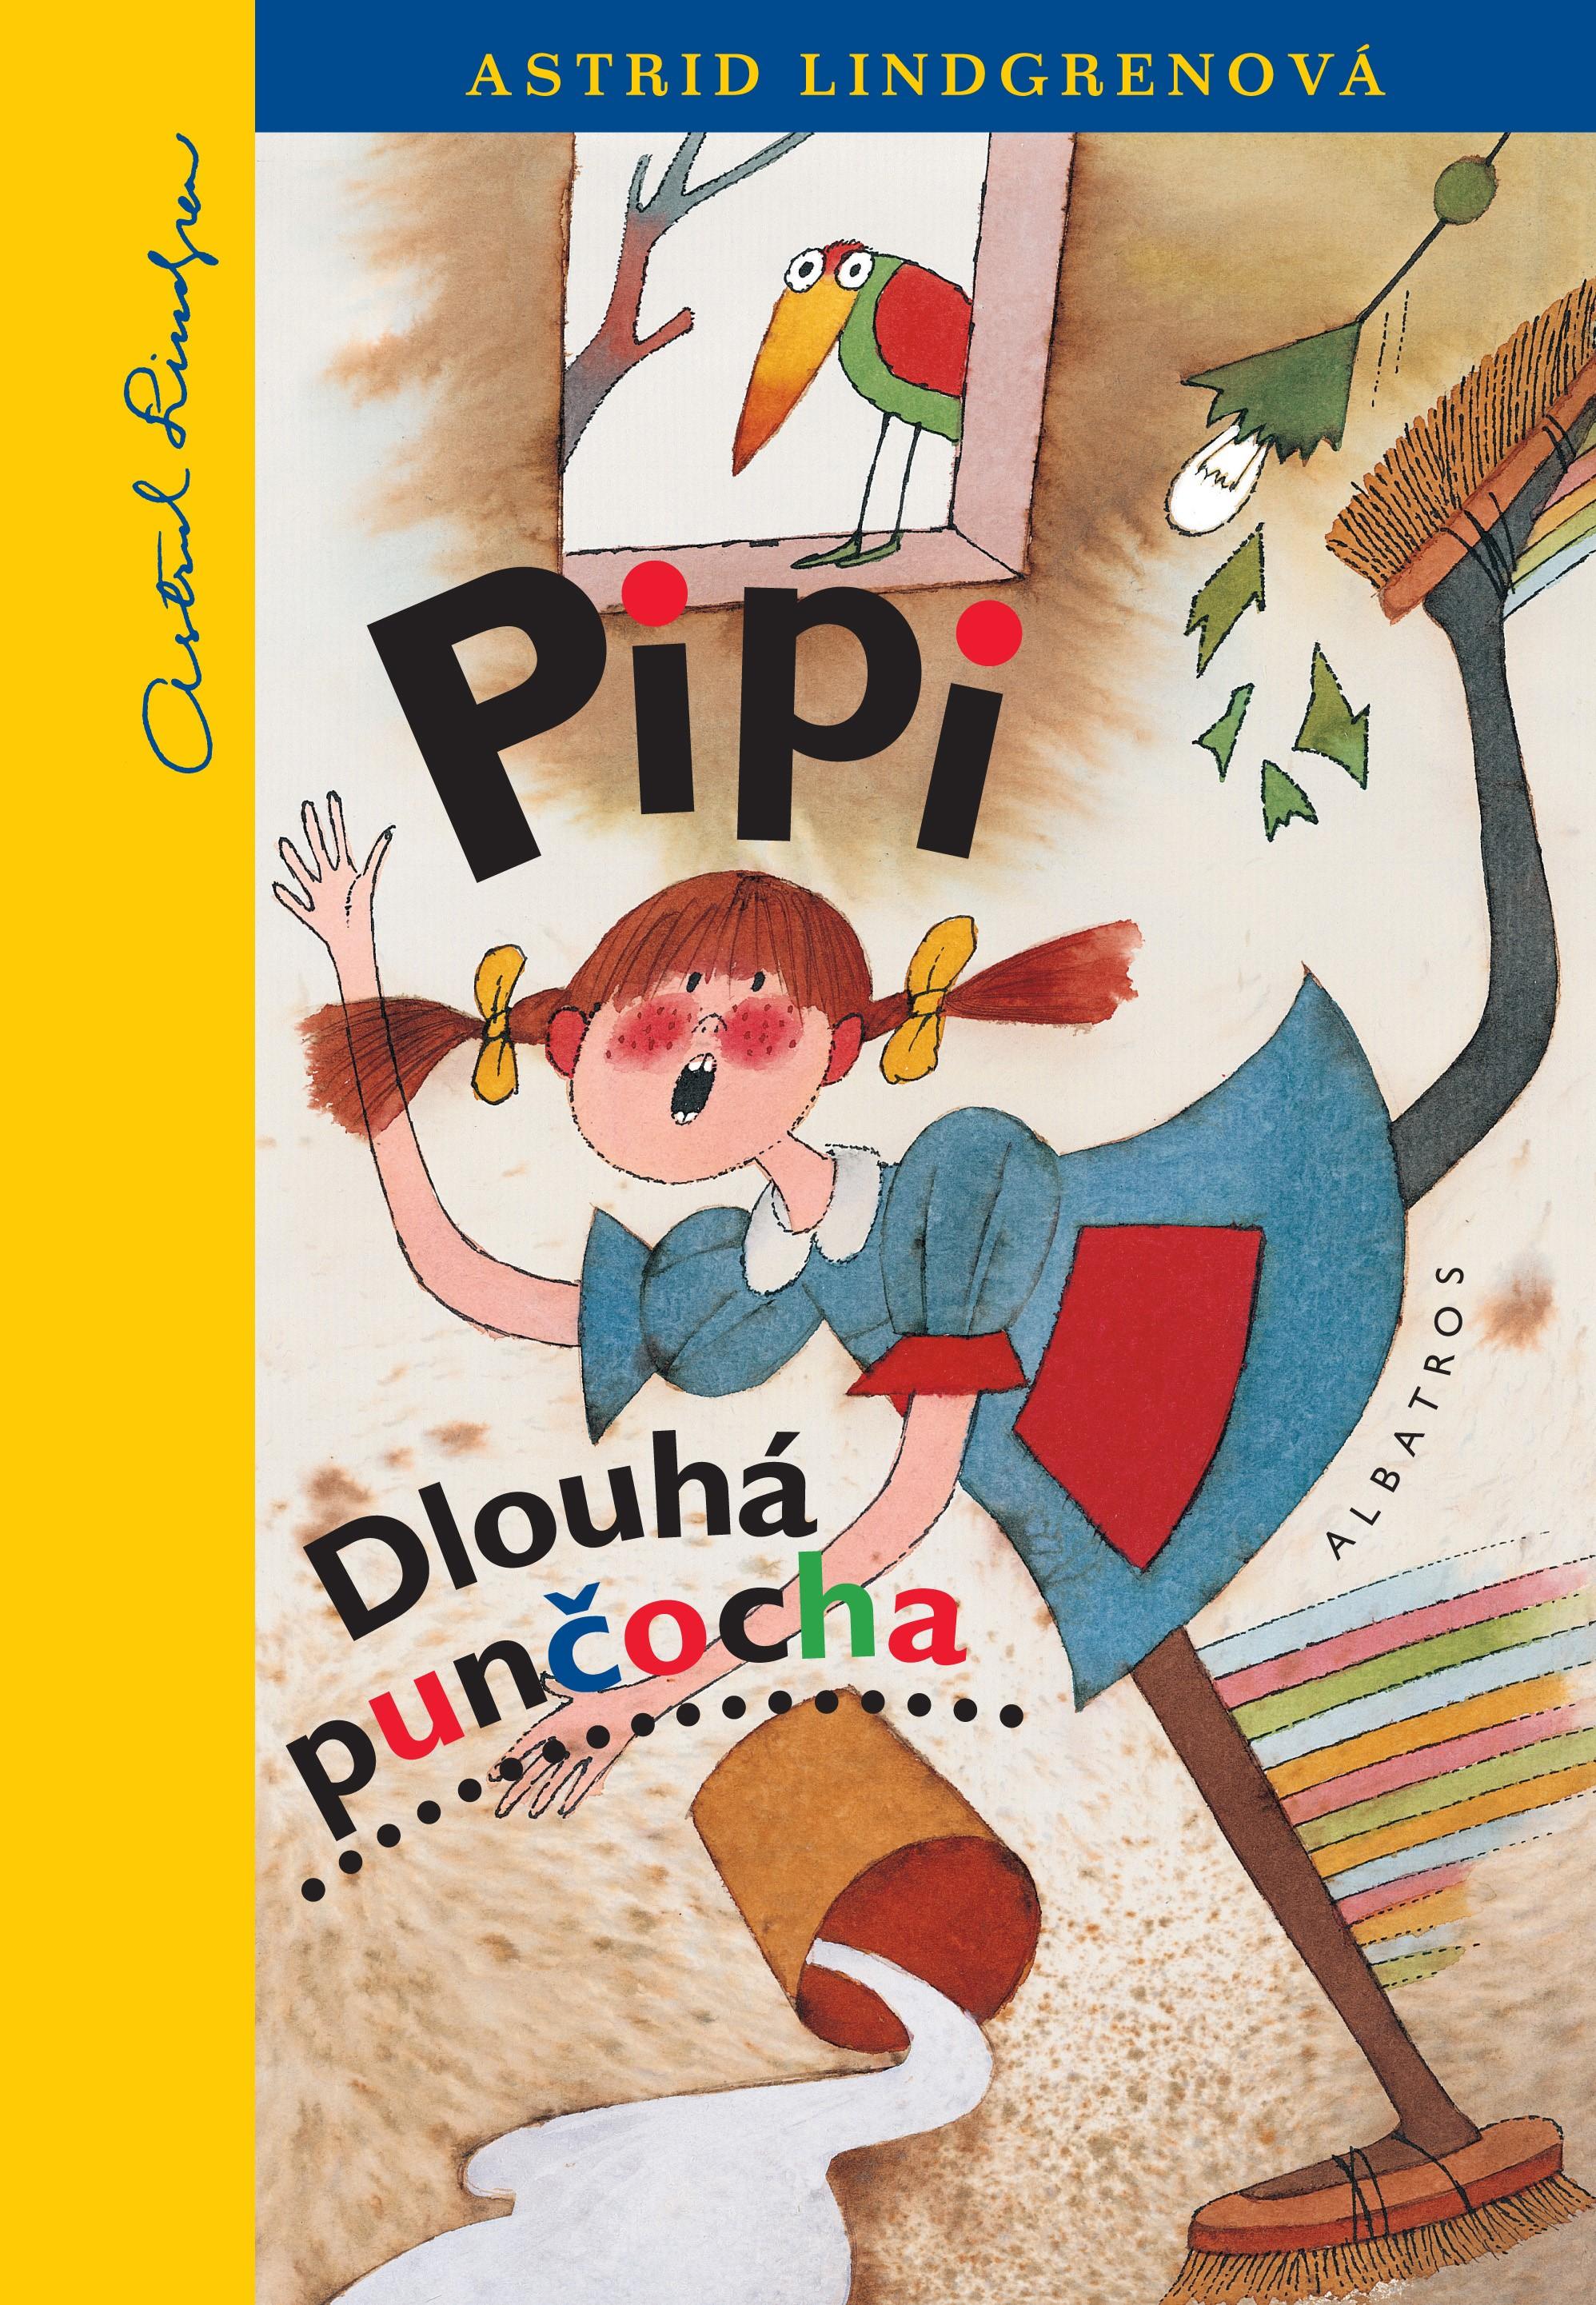 Pipi Dlouhá punčocha | Adolf Born, Astrid Lindgrenová